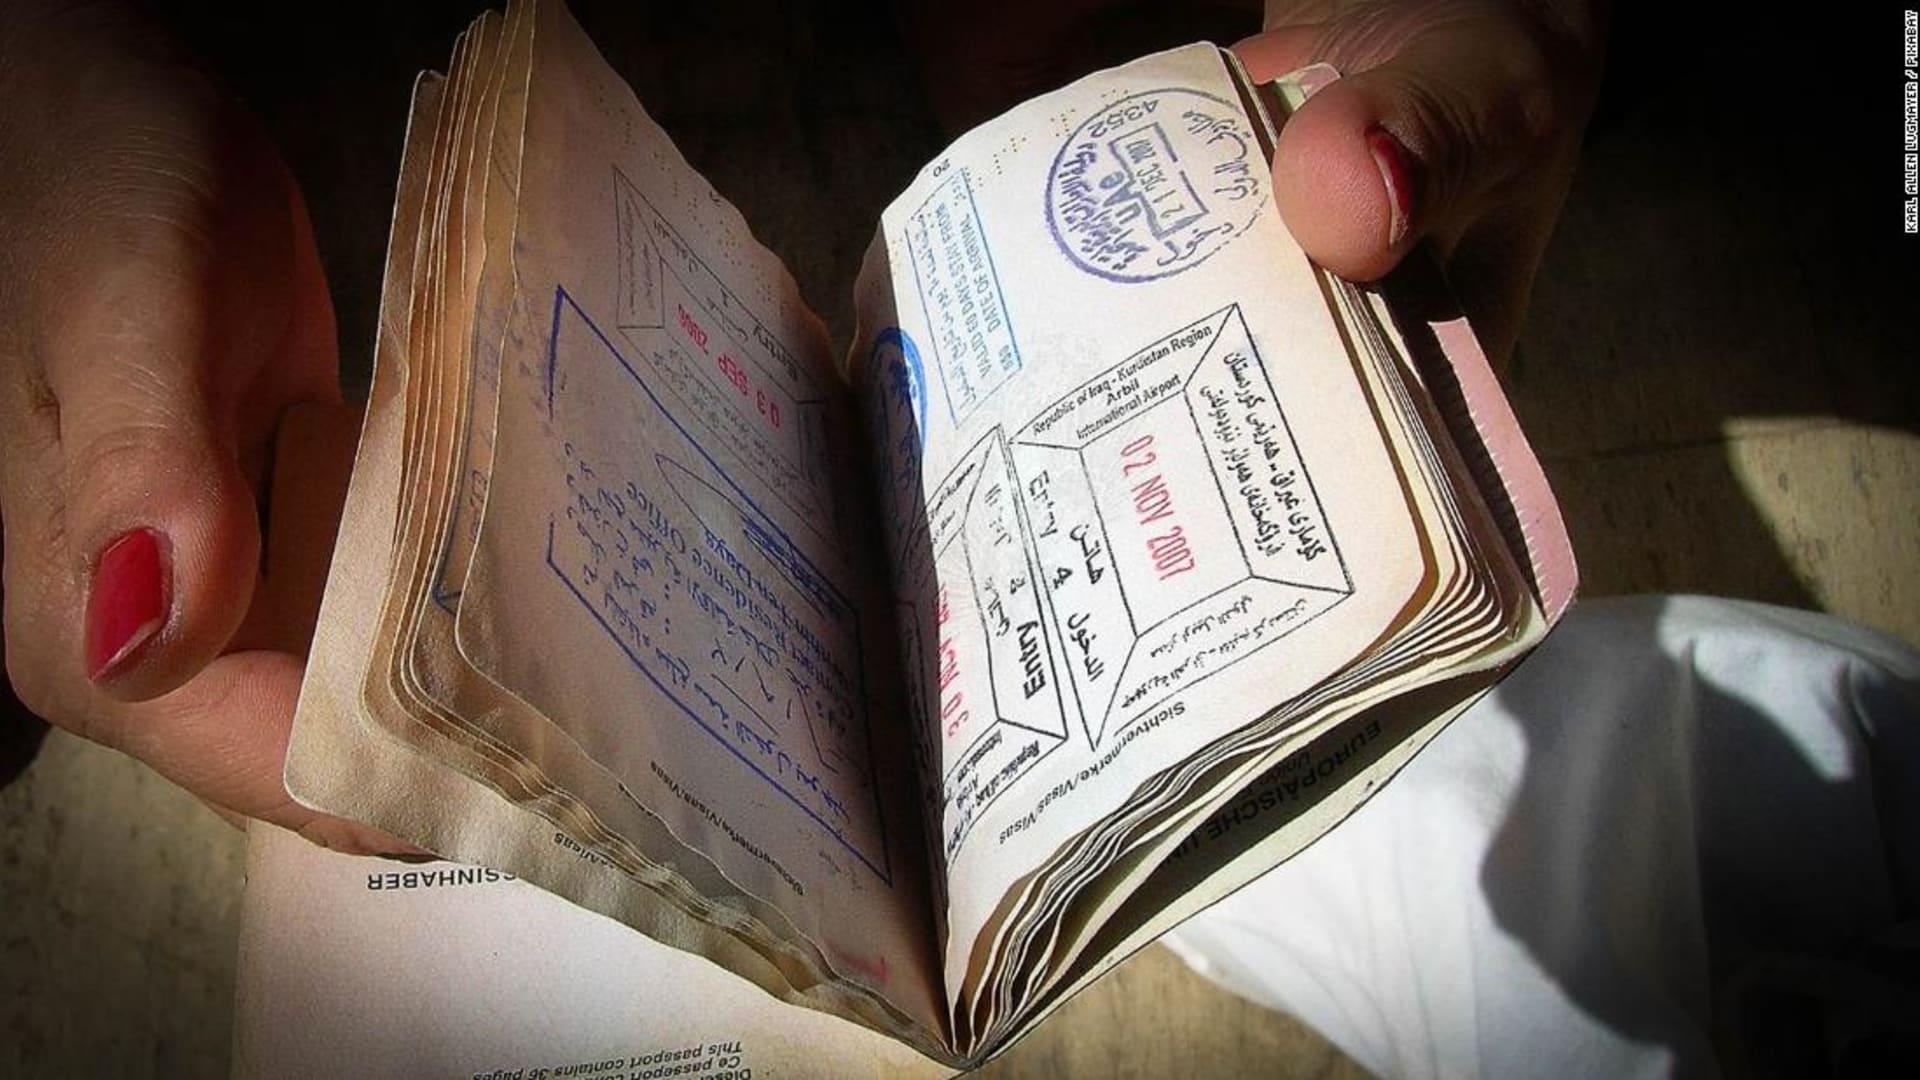 قائمة أقوى جوازات السفر لـ2021 وتطور بارز يحققه جواز السفر الإماراتي